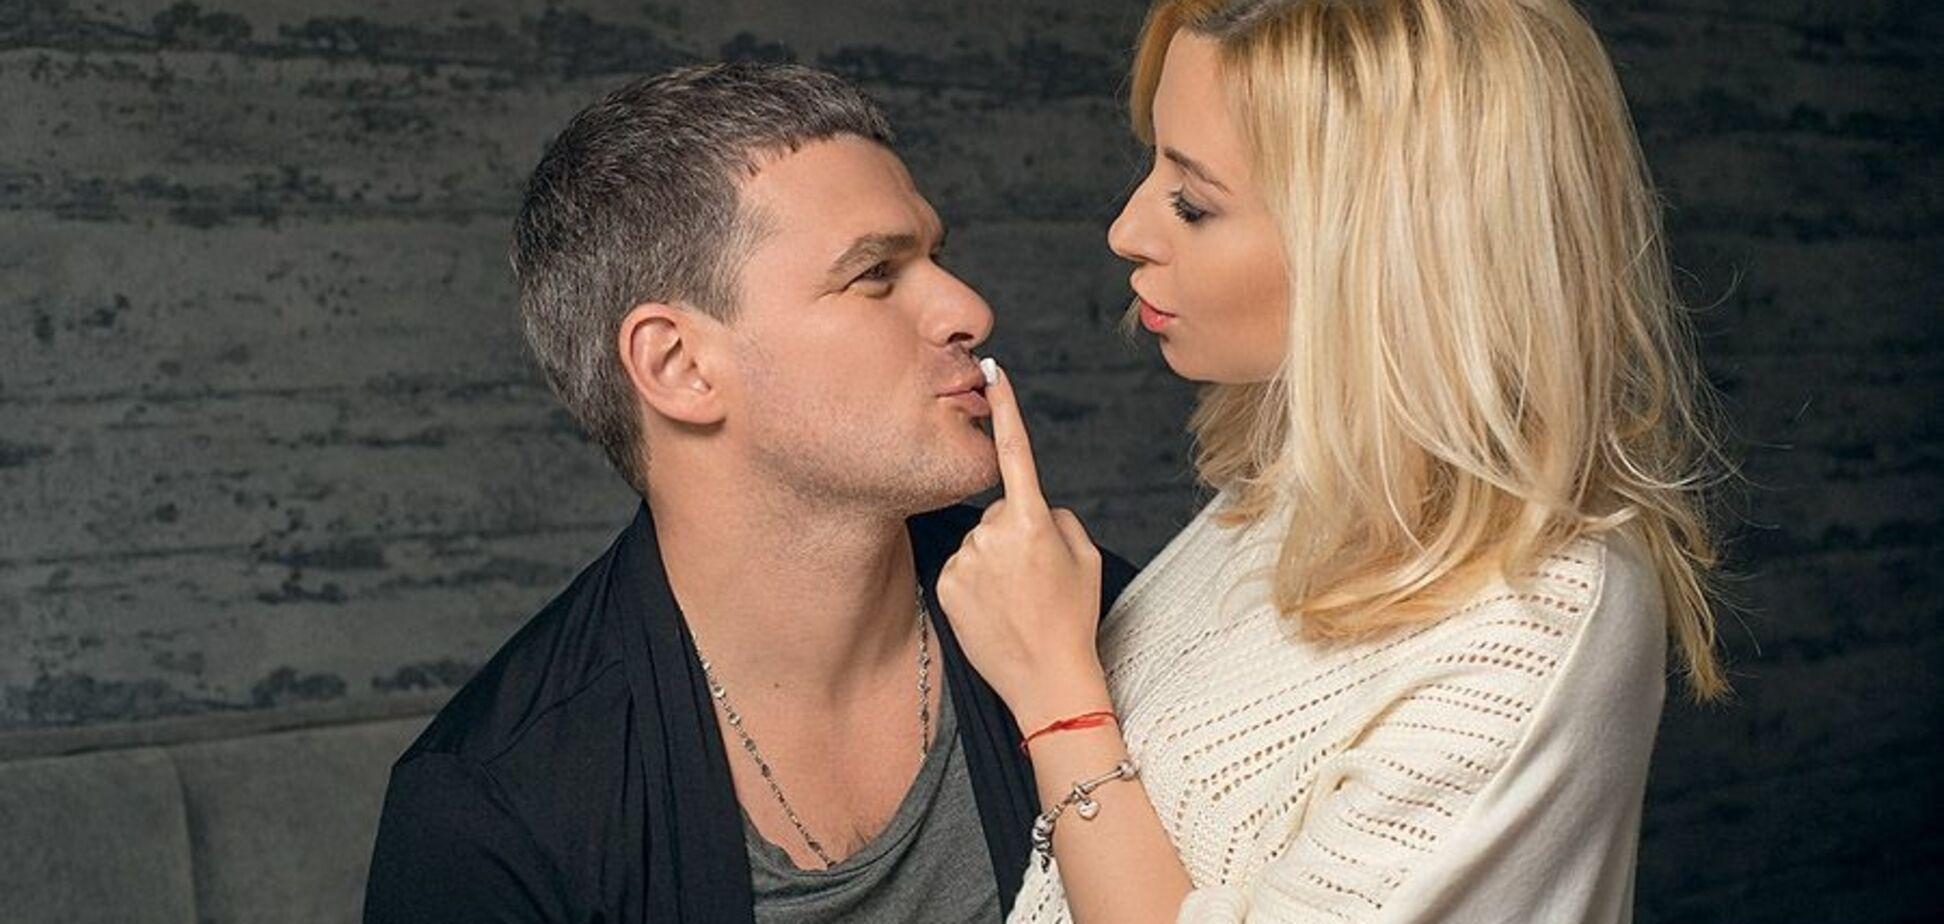 Матвиенко и Мирзоян впервые показали 2-летнюю дочь: опубликованы фото